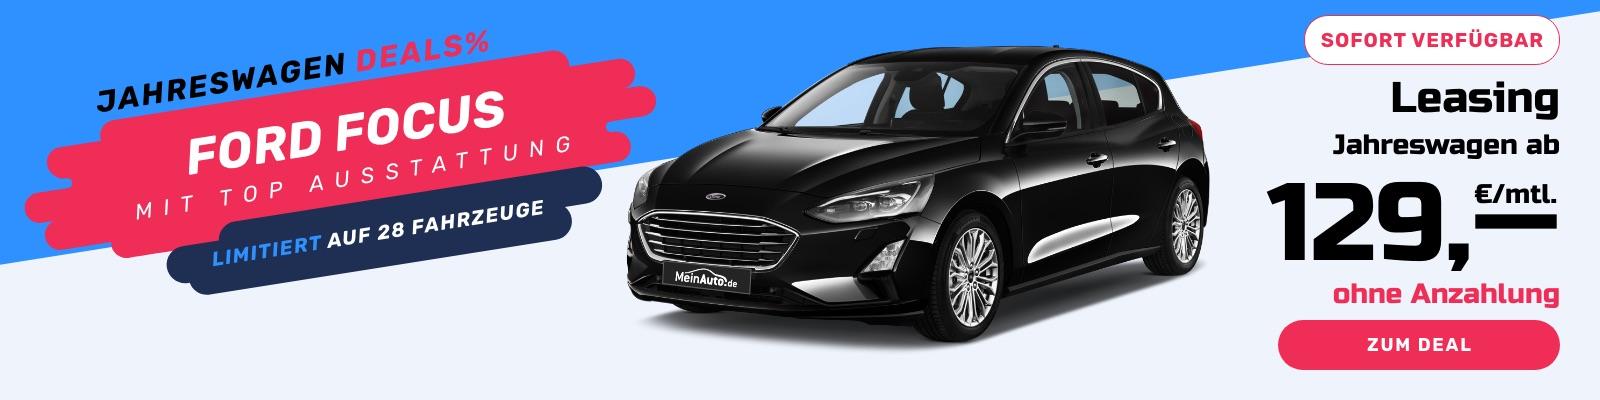 2020-04-16-ford-focus-gebrauchtwagen-leasing-deal